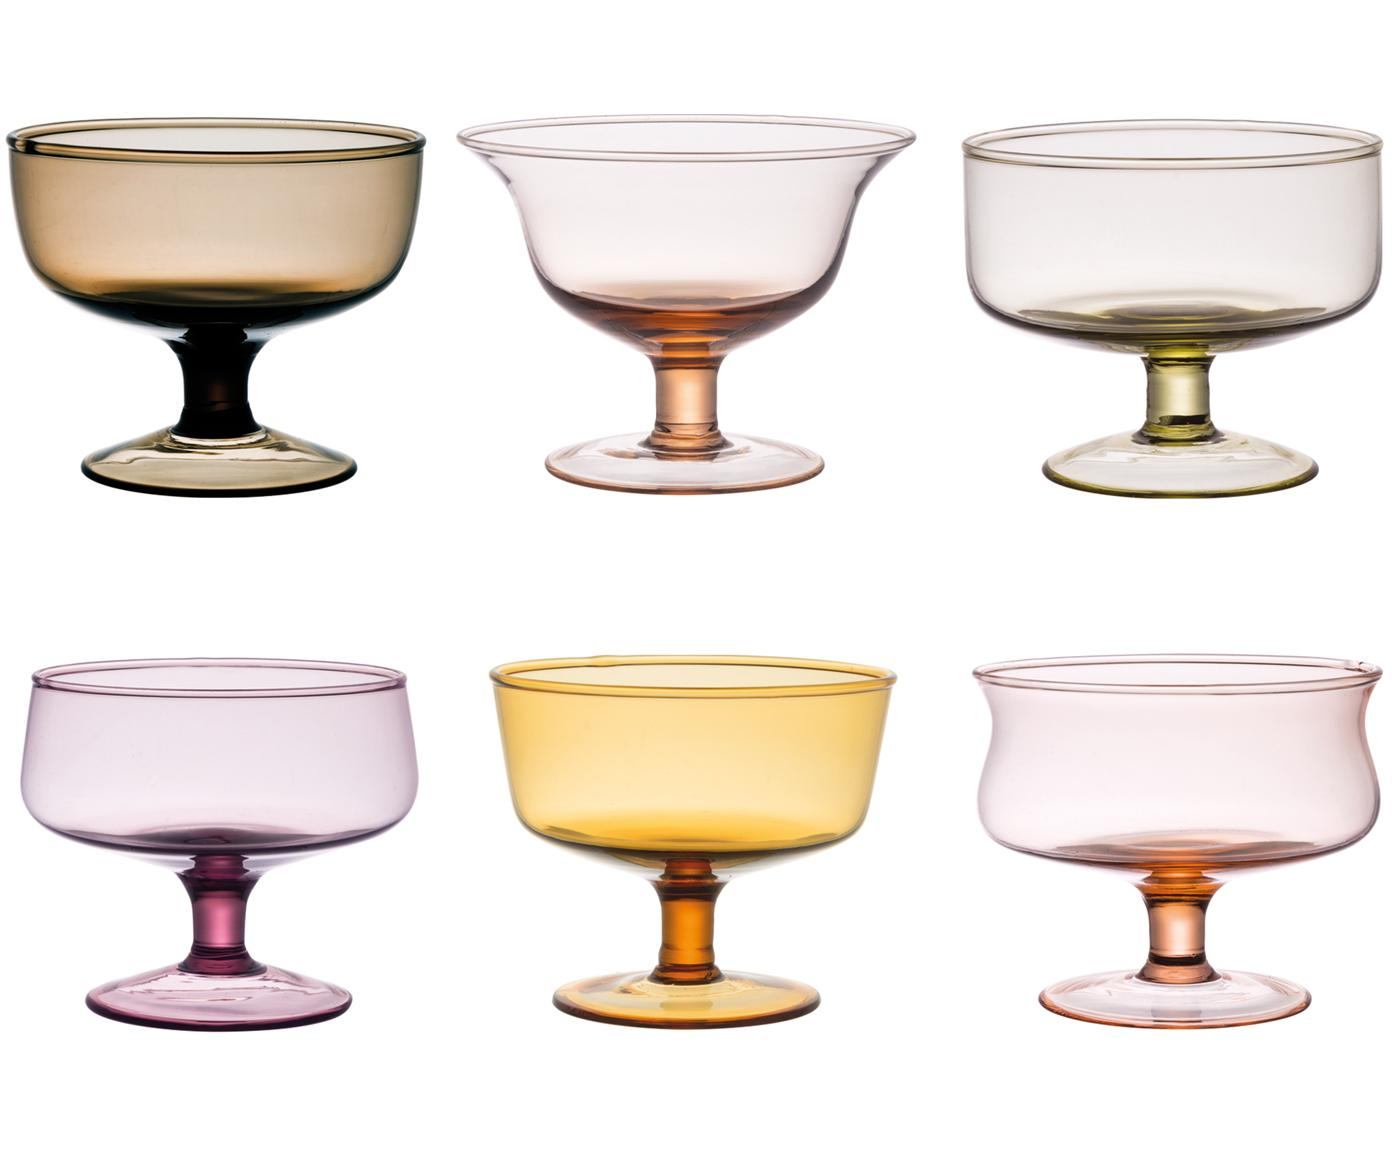 Copas de chupito de vidrio sopaldo Desigual, 6uds., Vidrio soplado, Multicolor, Ø 12 x Al 8 cm